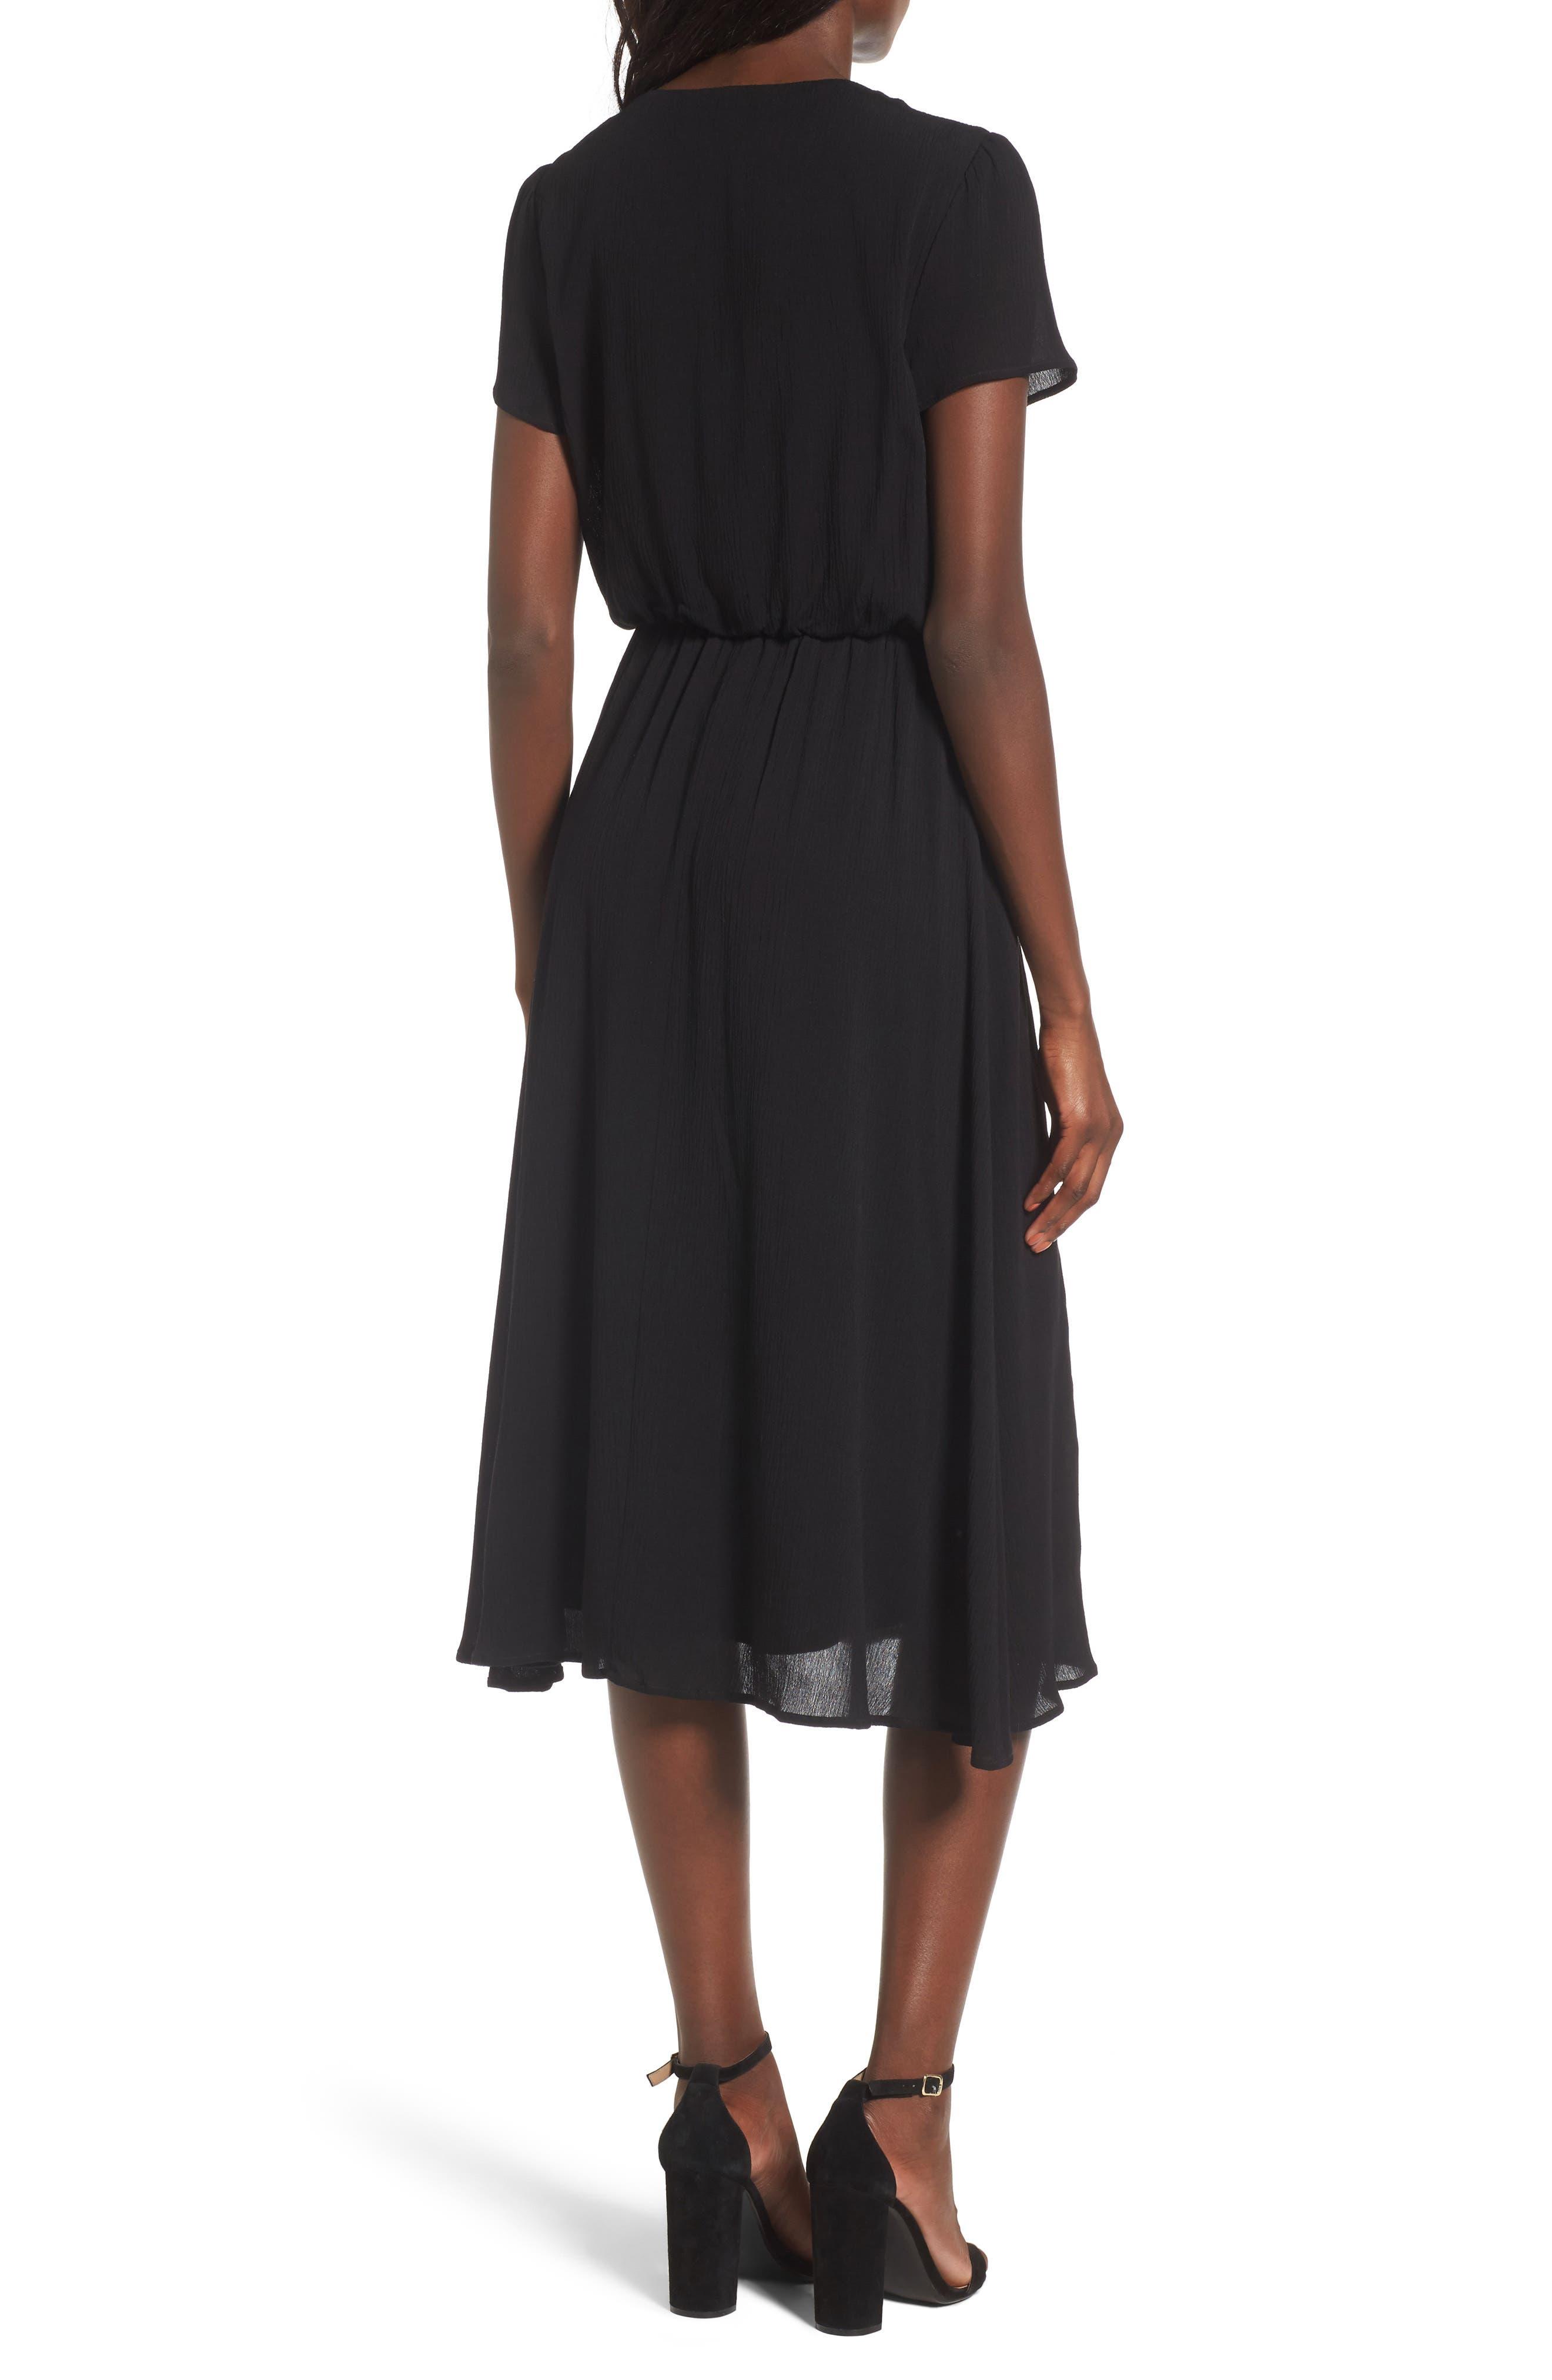 6bcf8f0b455 Women s A-Line Dresses